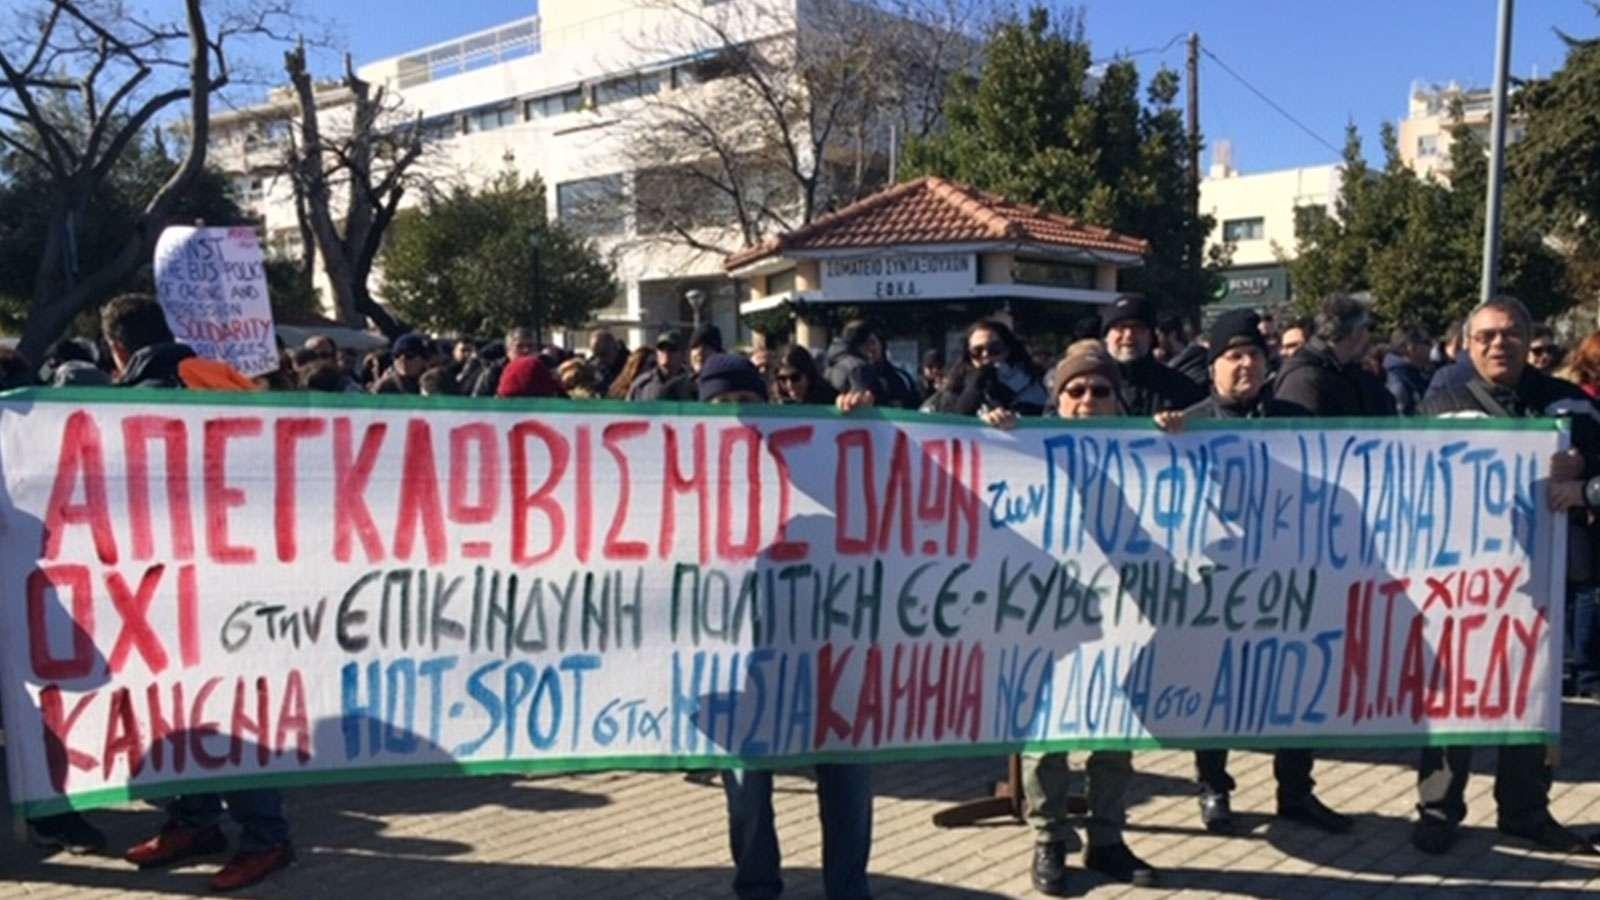 ΣΑΜΟΣ ΧΙΟΣ Συγκεντρώσεις ενάντια στην πολιτική του εγκλωβισμού και της καταστολής προσφύγων και μεταναστών